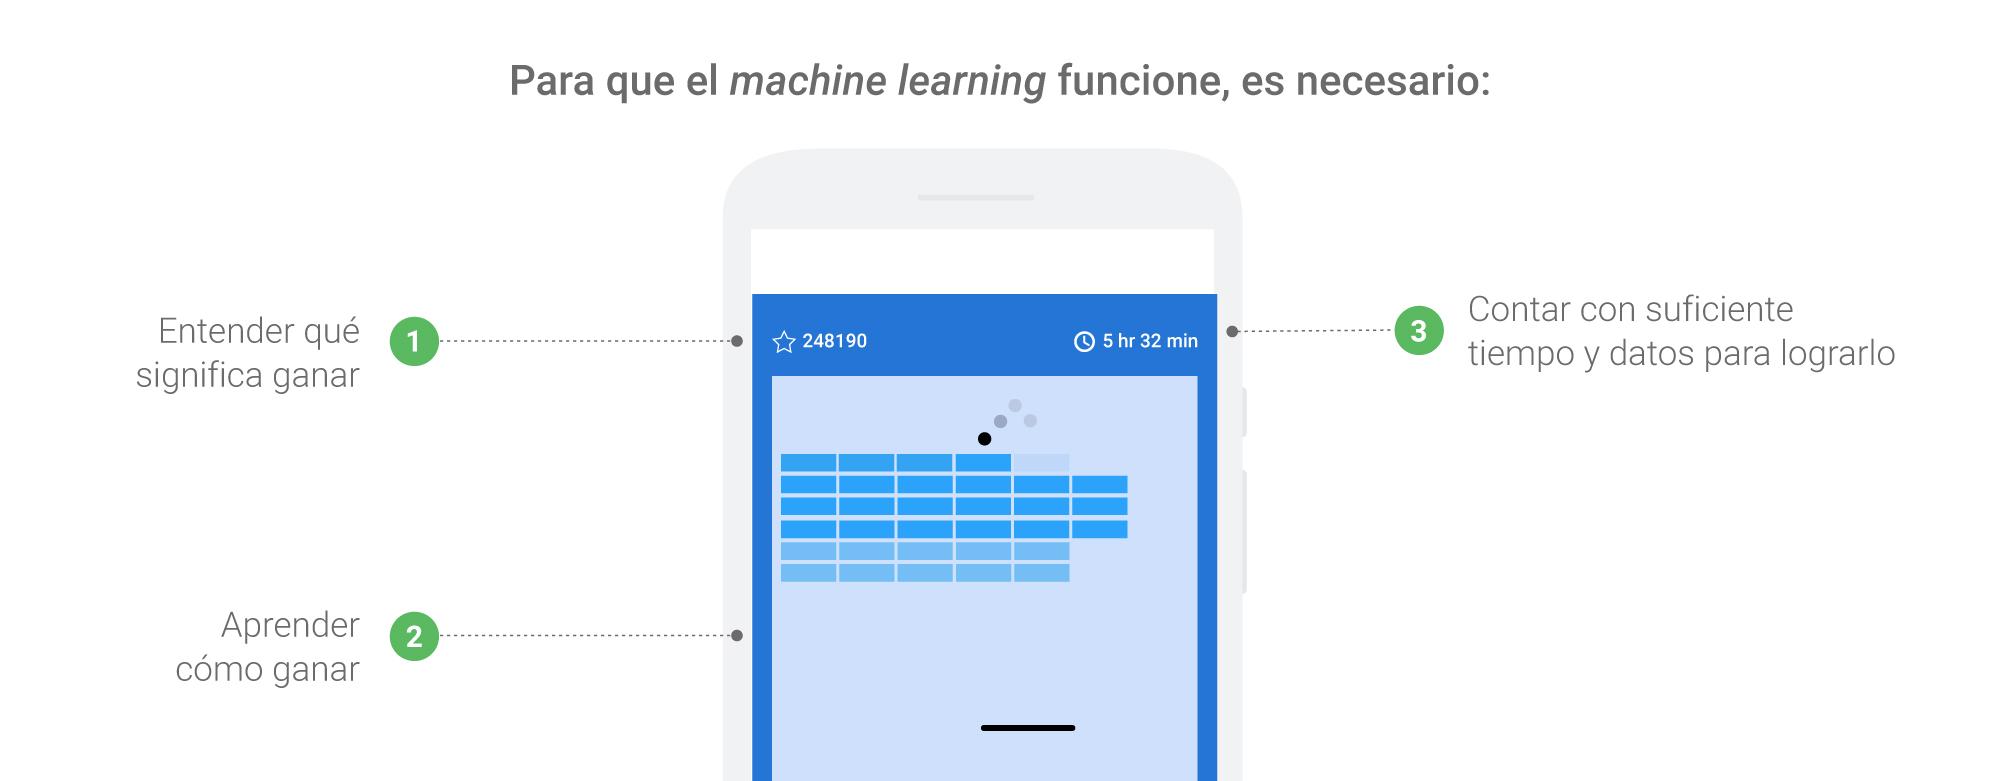 machine-learning-img1